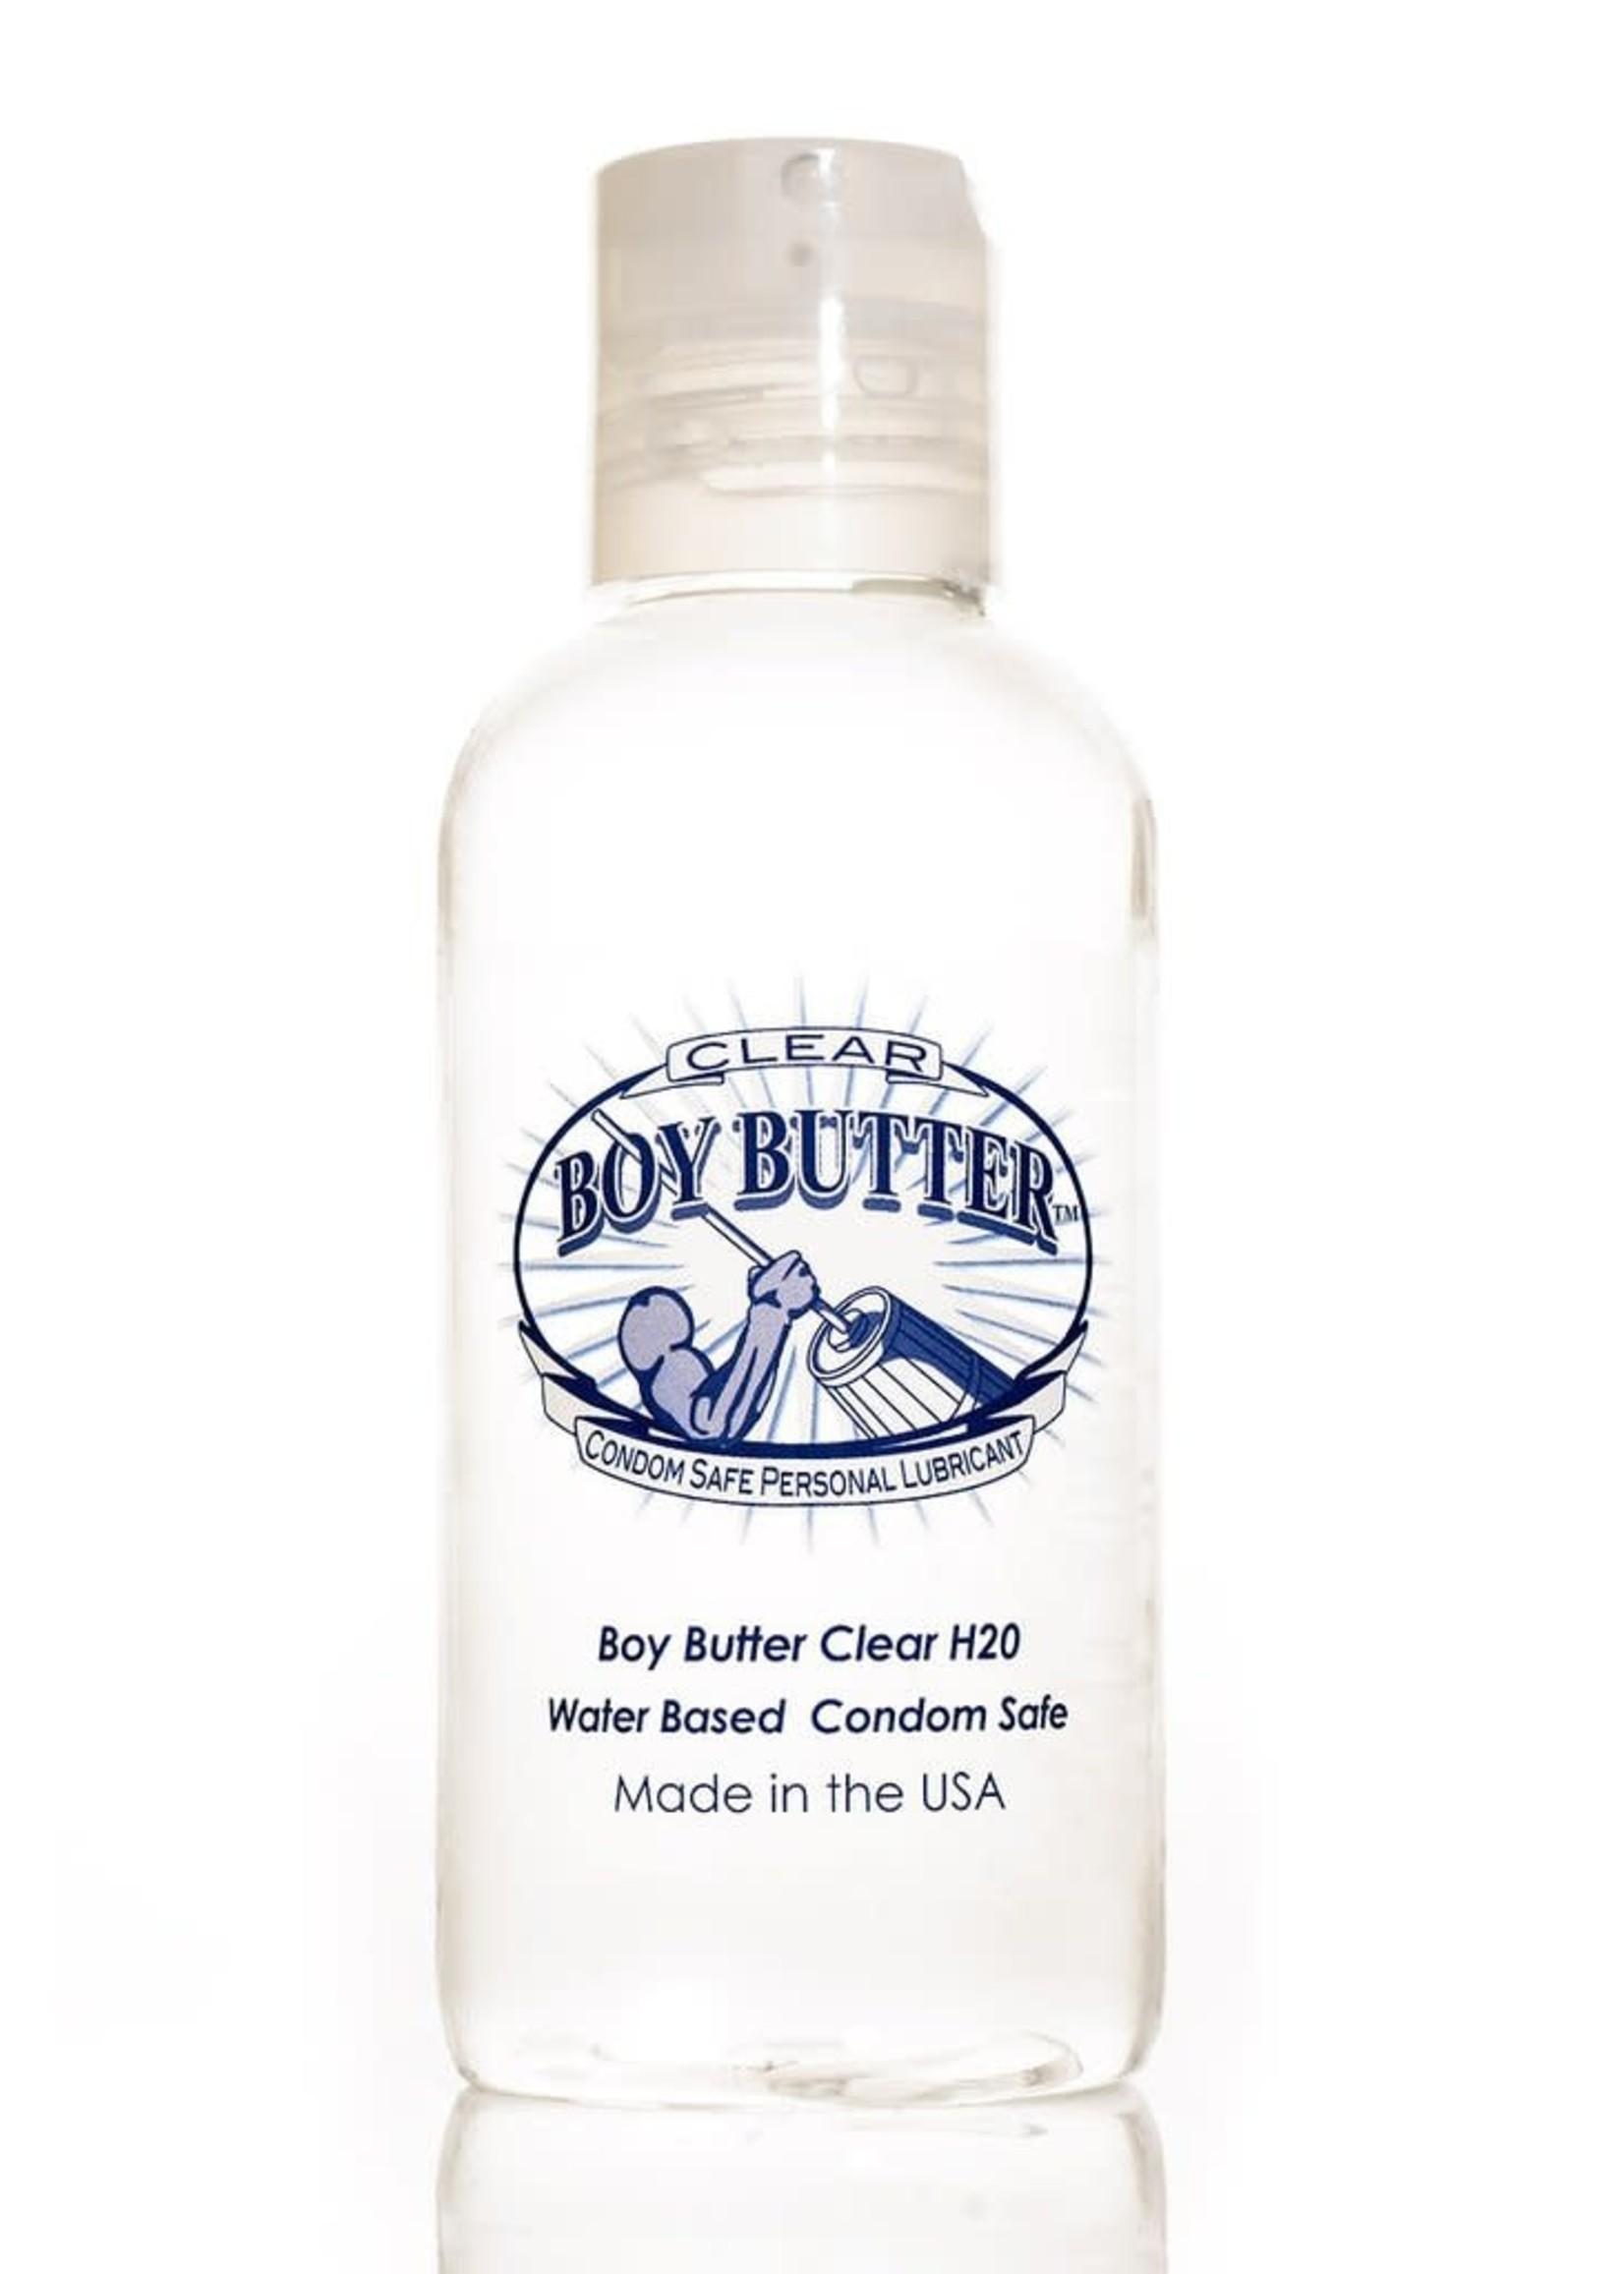 Boy Butter Boy Butter Clear